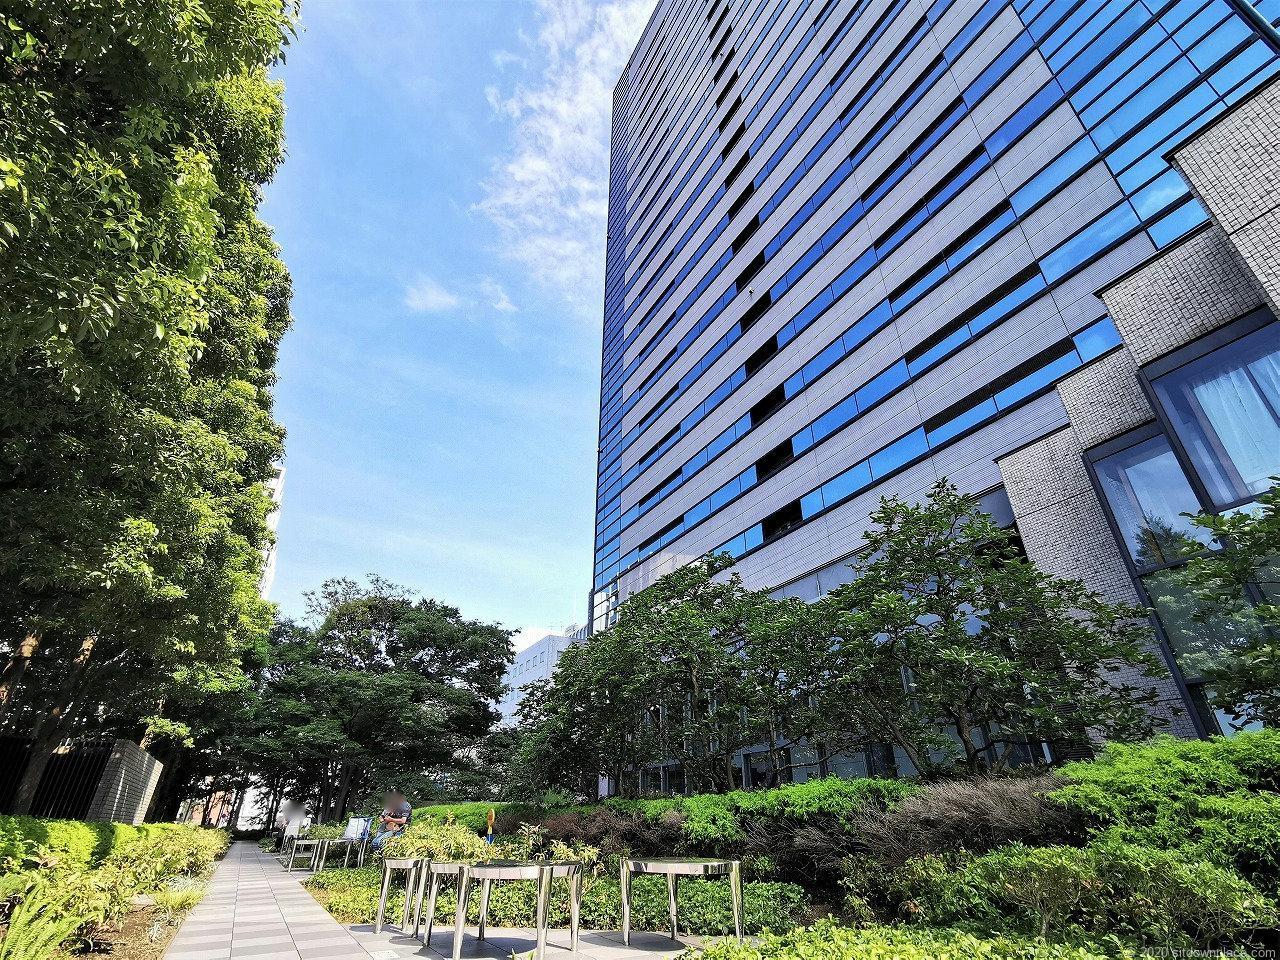 武蔵小杉駅 タワープレイス公開空地の外観2